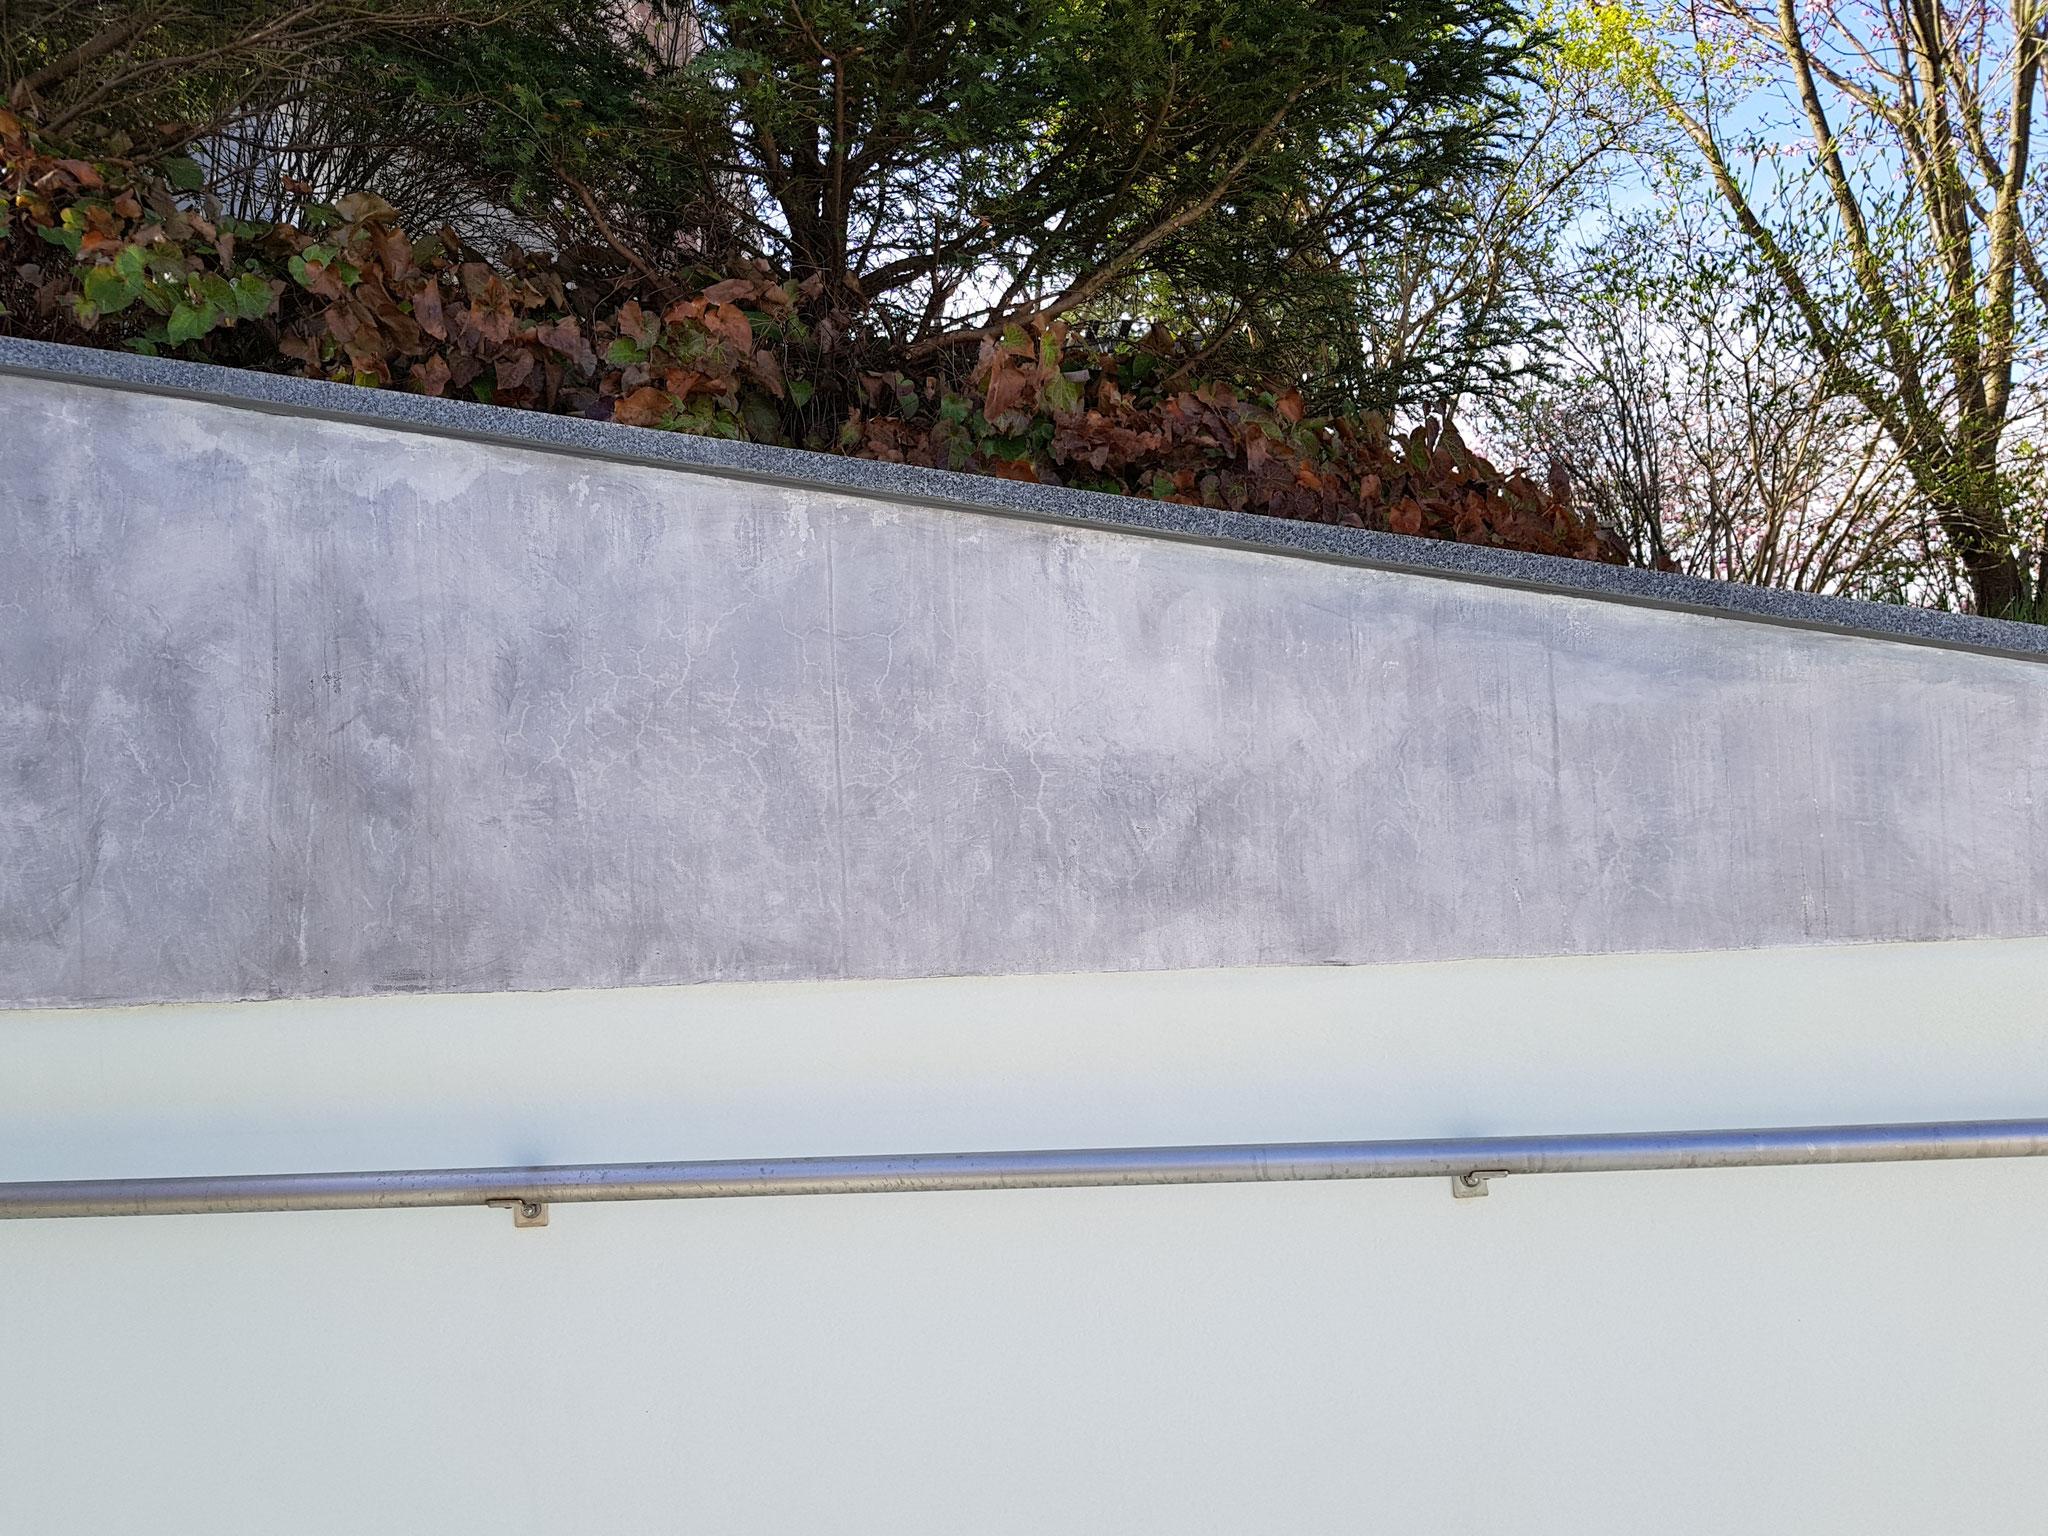 Poolwand nacher: Naturstein-Immitation und Schadensbehebung.